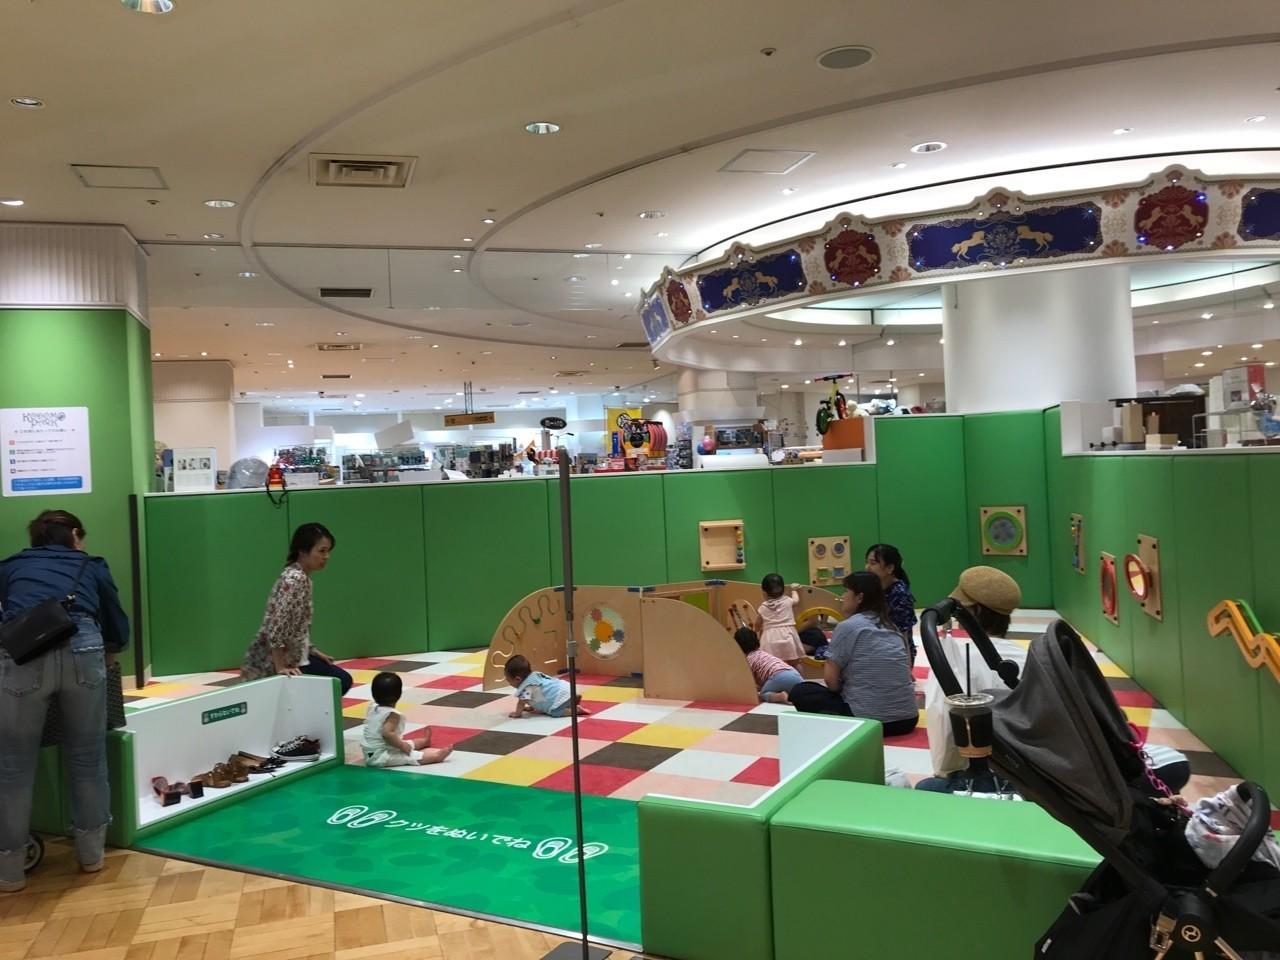 プレイルーム単独では狭いスペースながらも、隣接するおもちゃコーナーでも多少遊べる